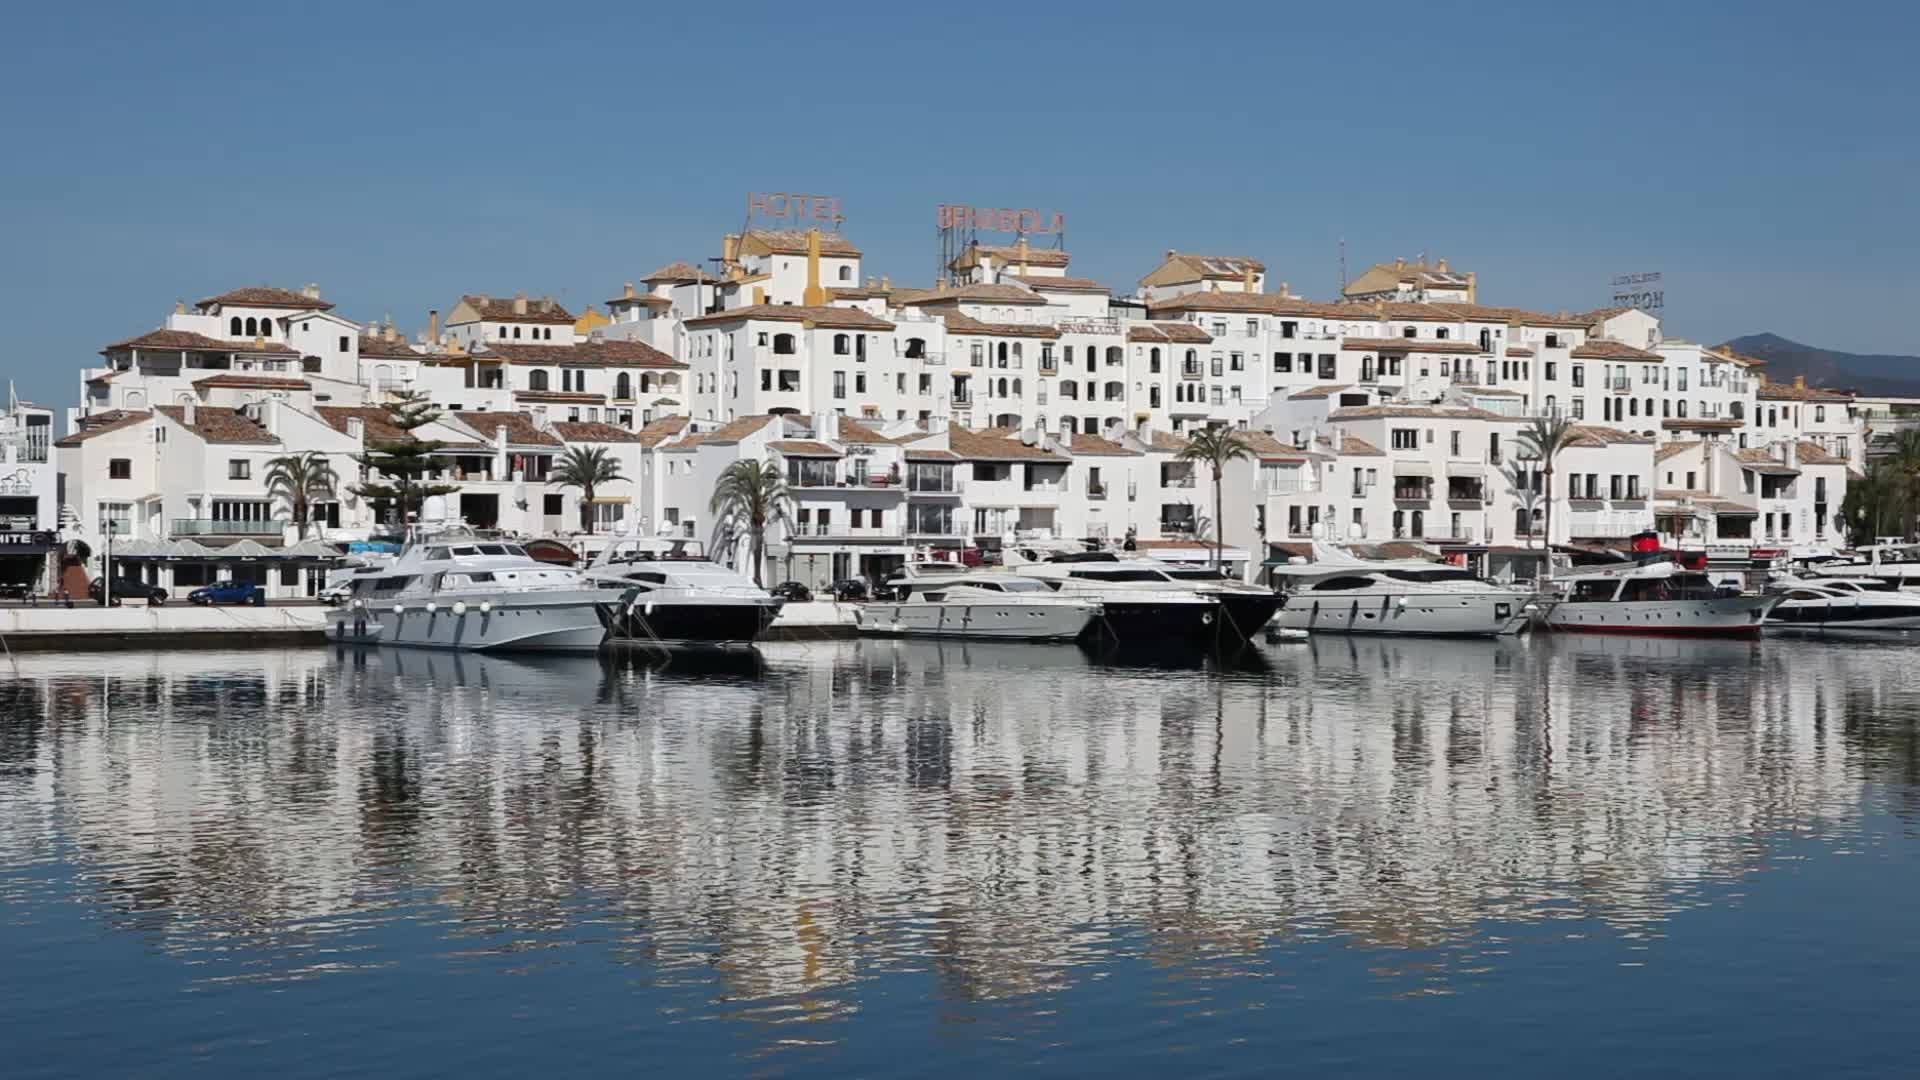 165492 puerto banus spain wallpaper 1920 1080 - Puerto banus marbella ...